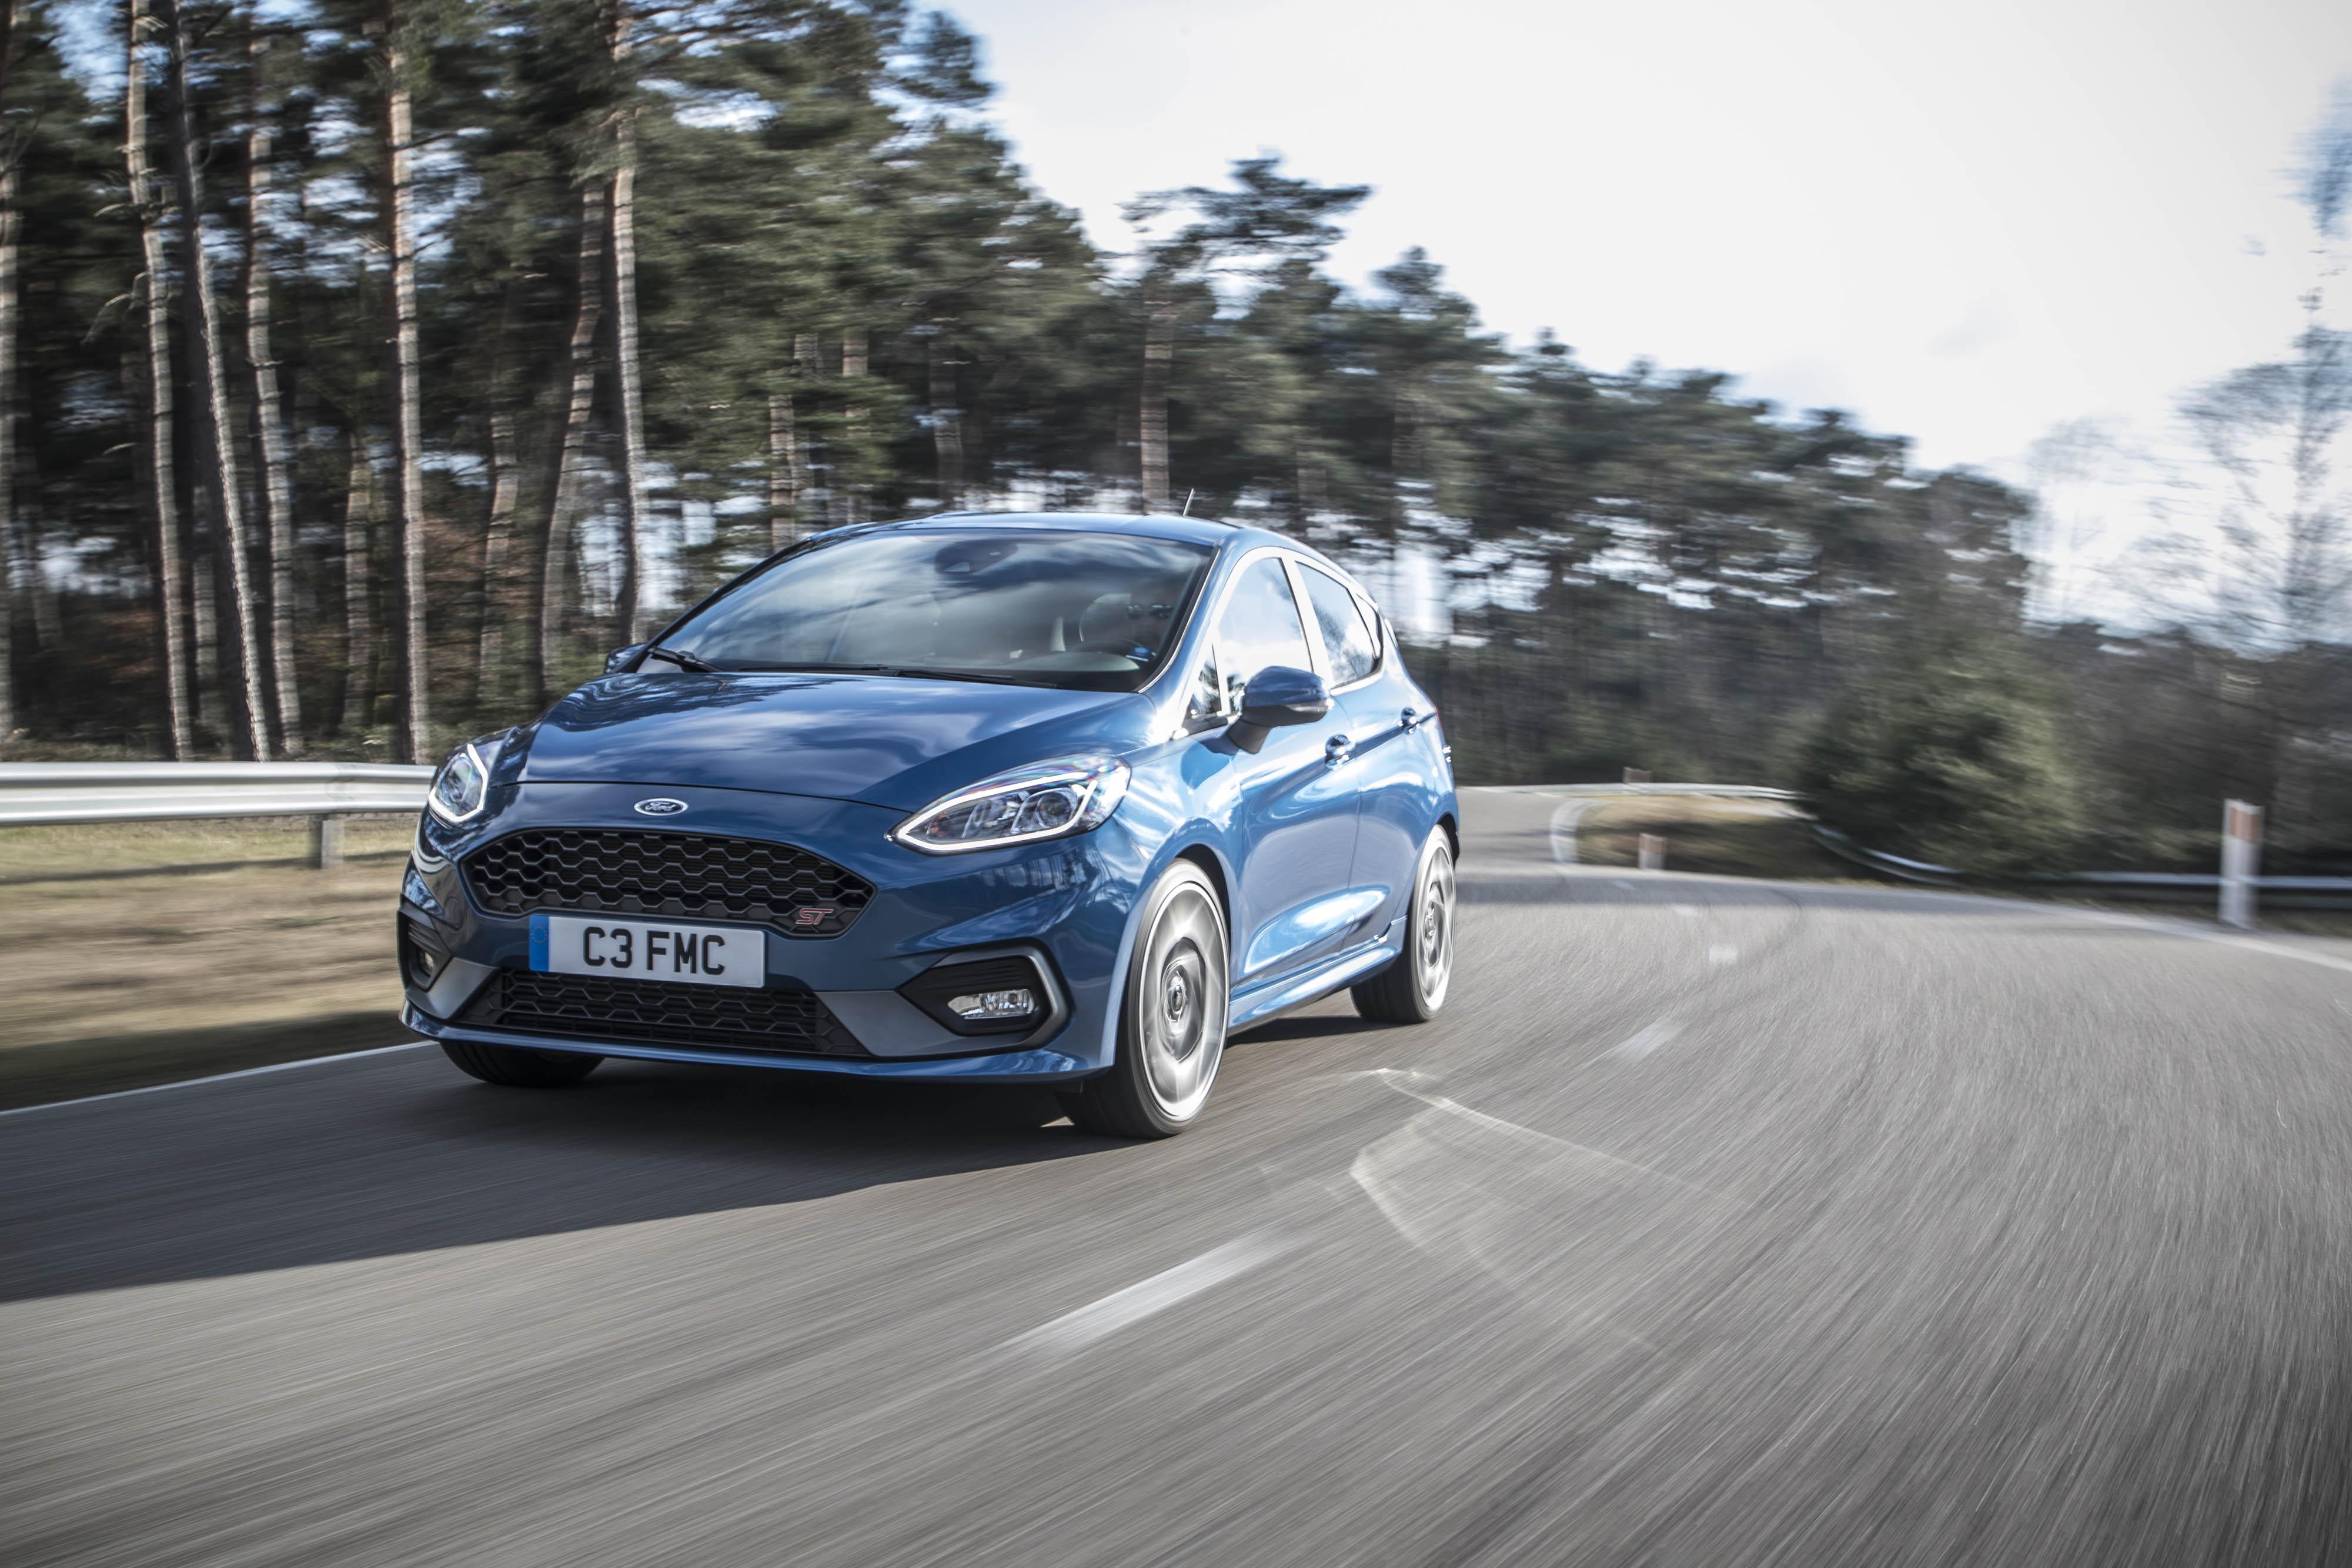 Ford_Fiesta_ST_0020